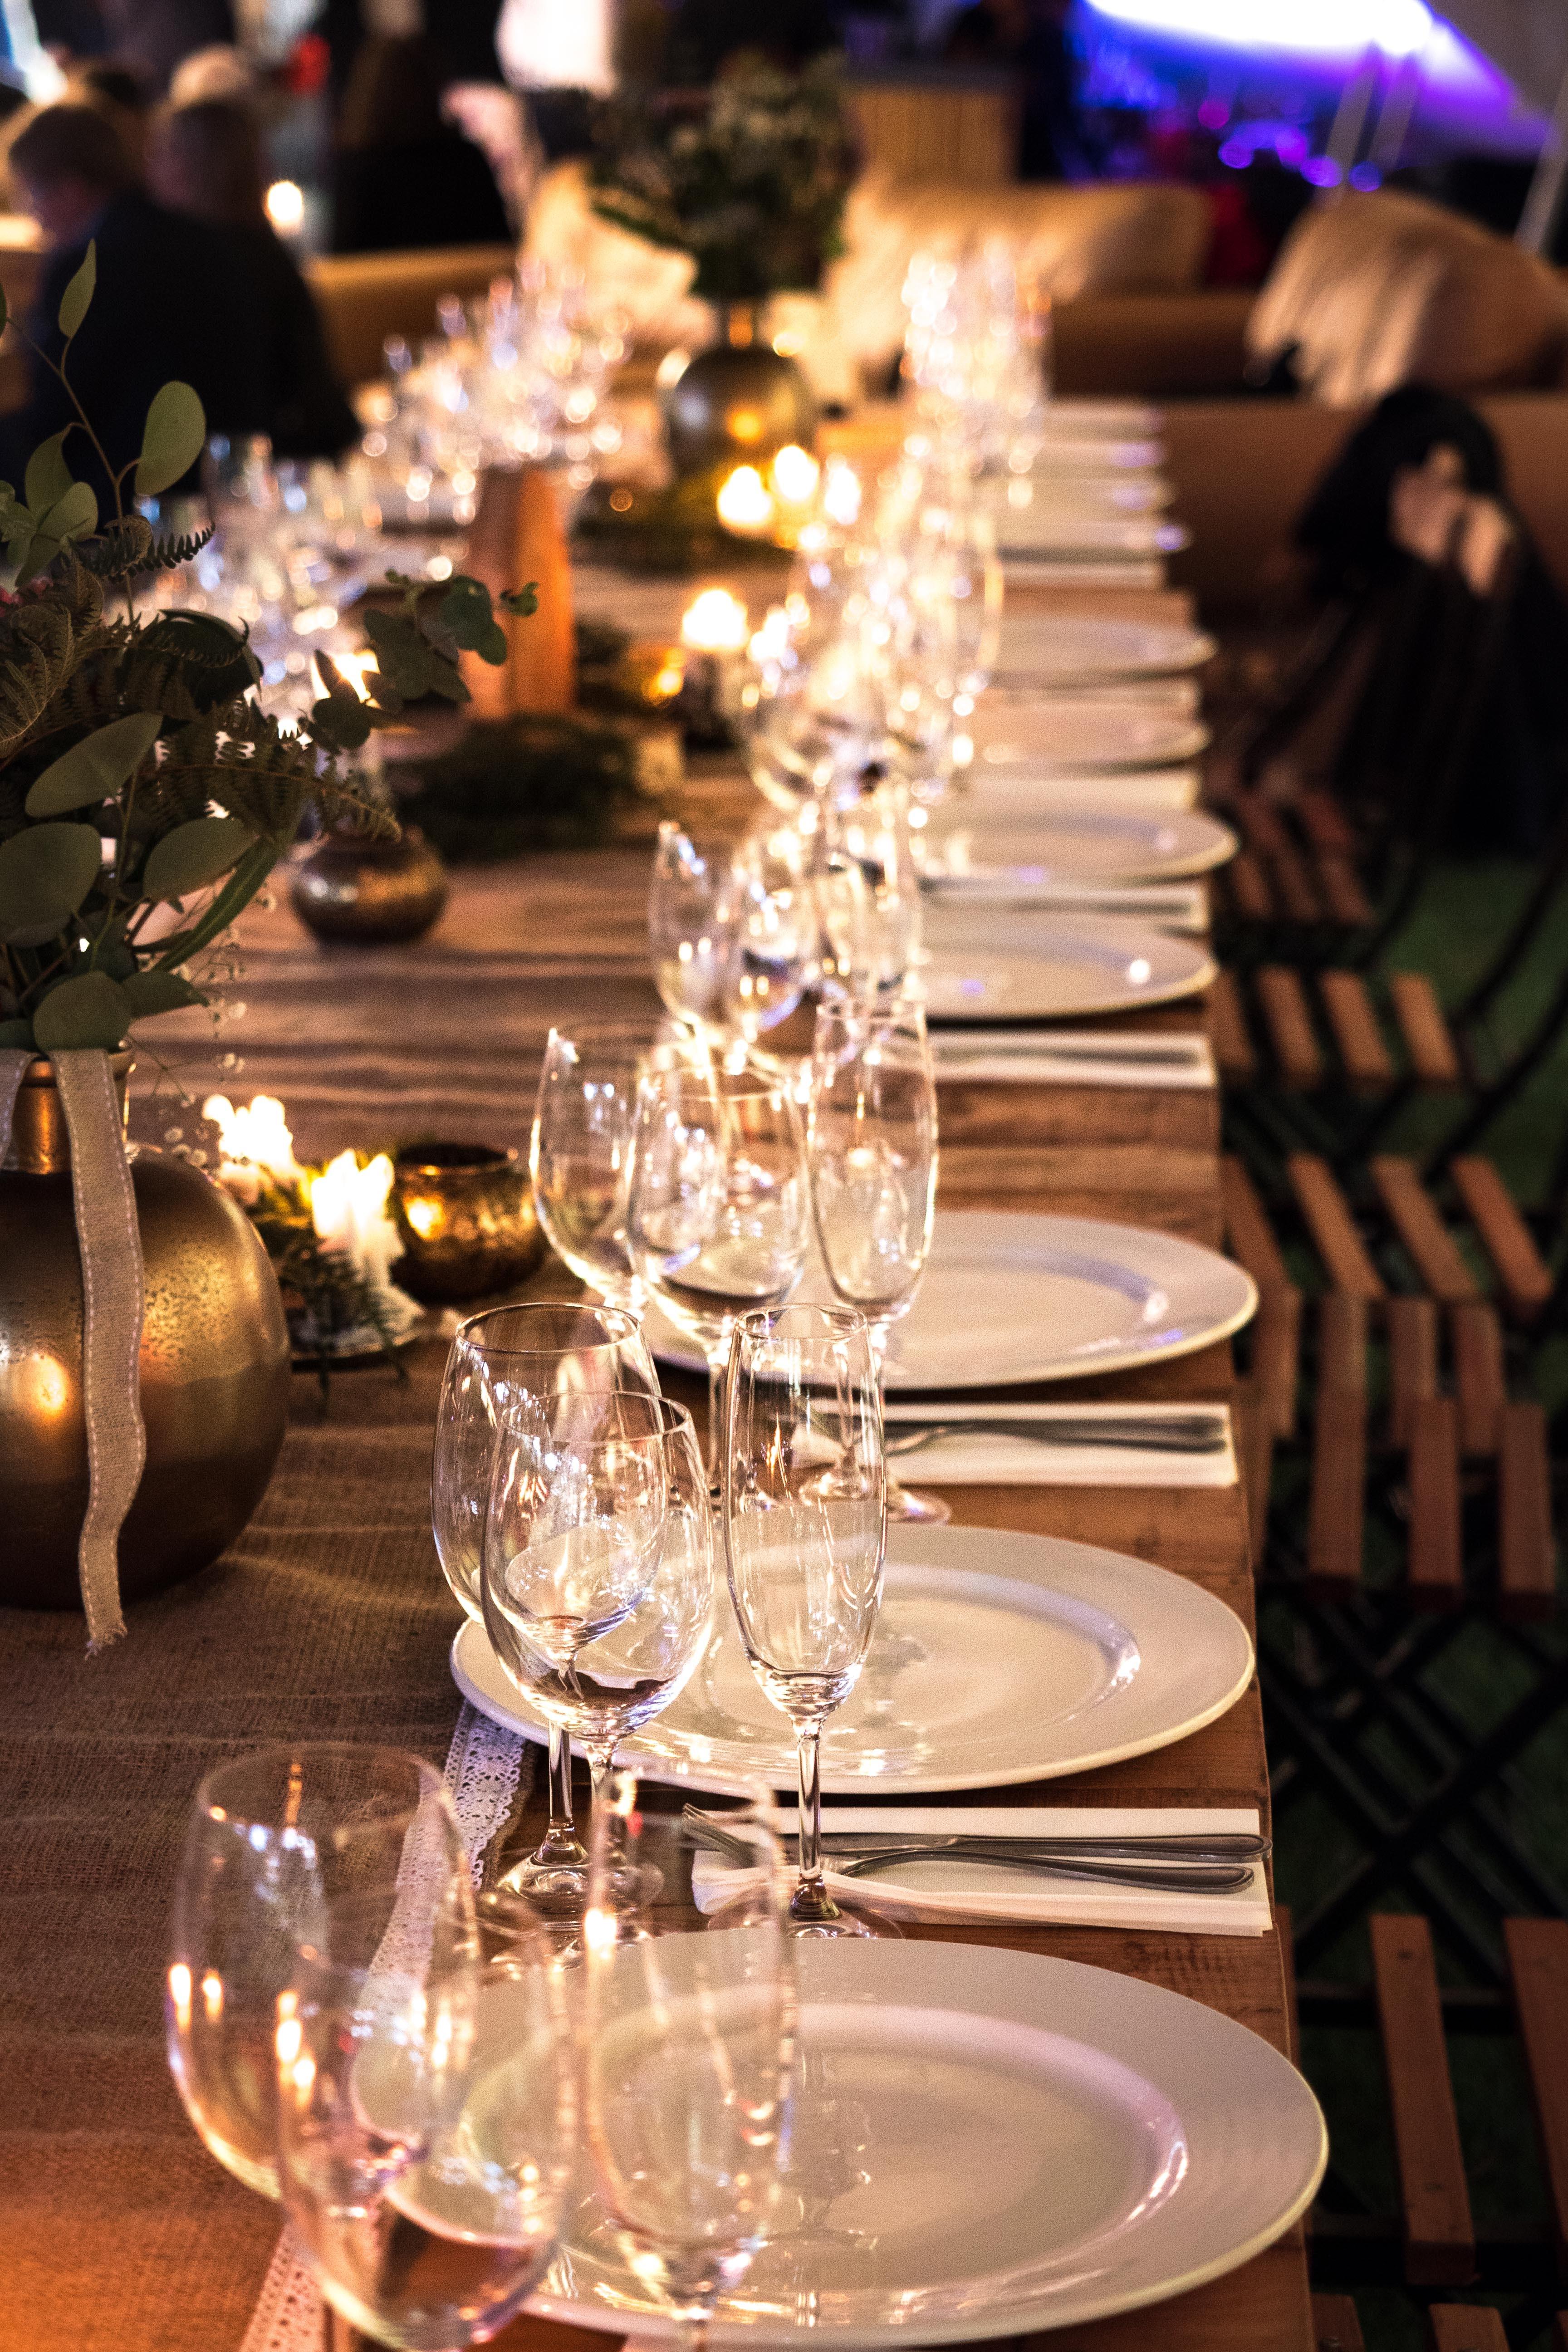 Bougie Décoration De Table images gratuites : bougie, bougies, restauration, verres à